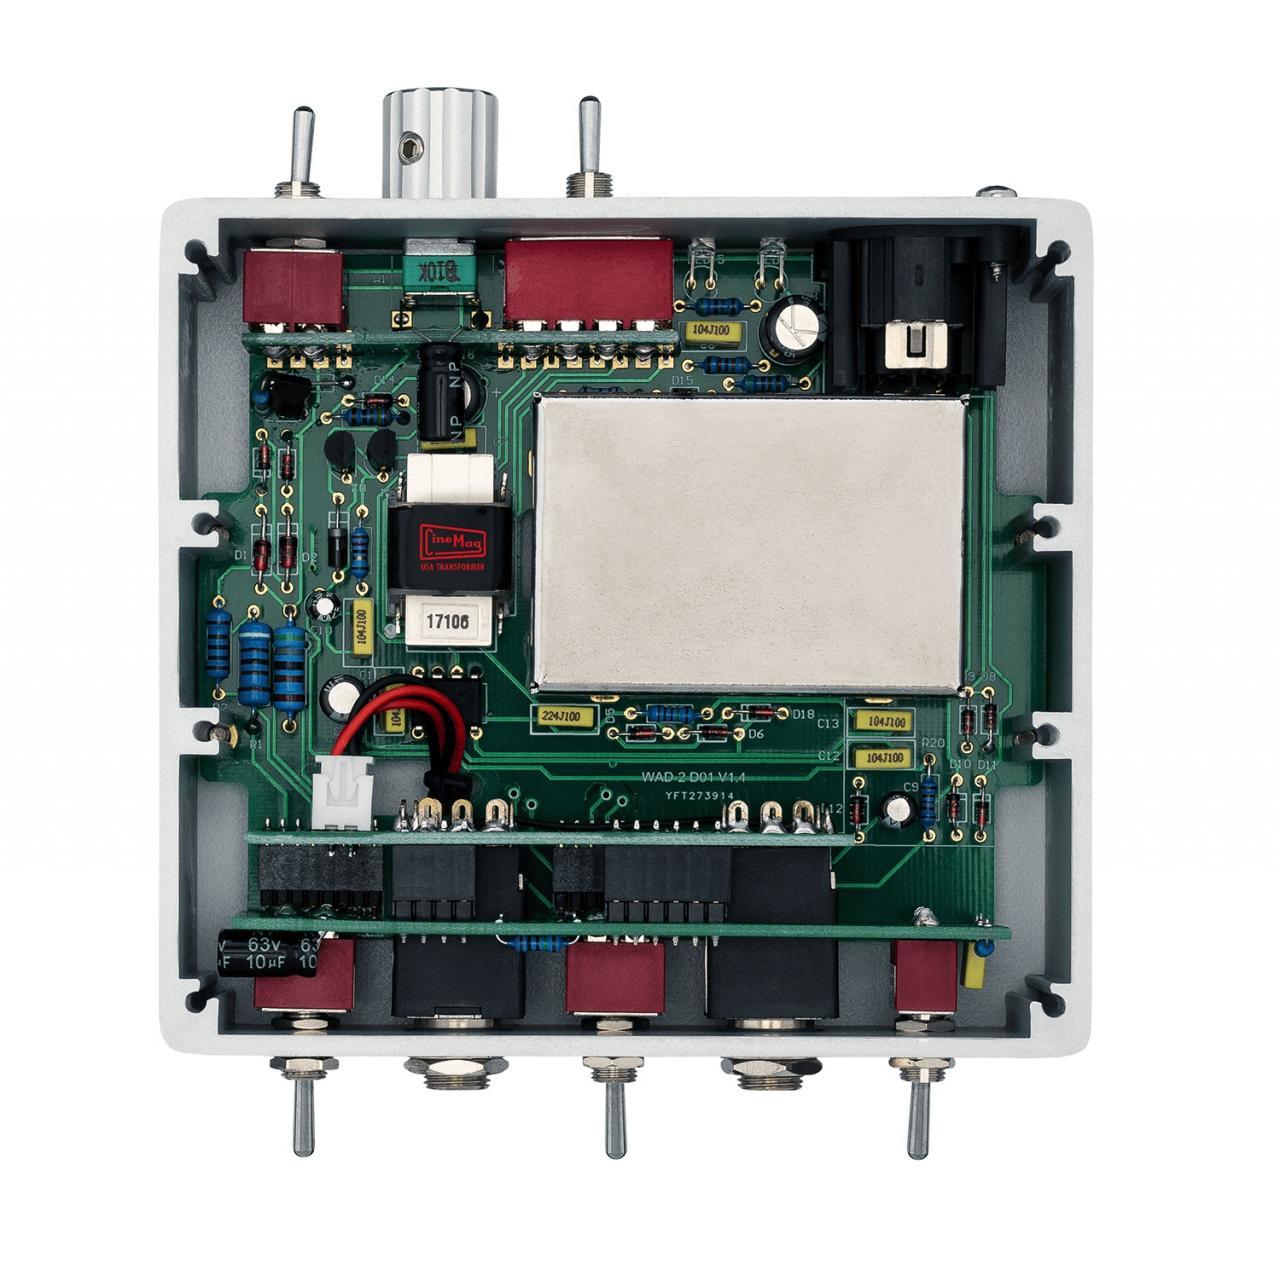 DI-BOX-ACTIVE-INTERIOR-72DPI.jpg